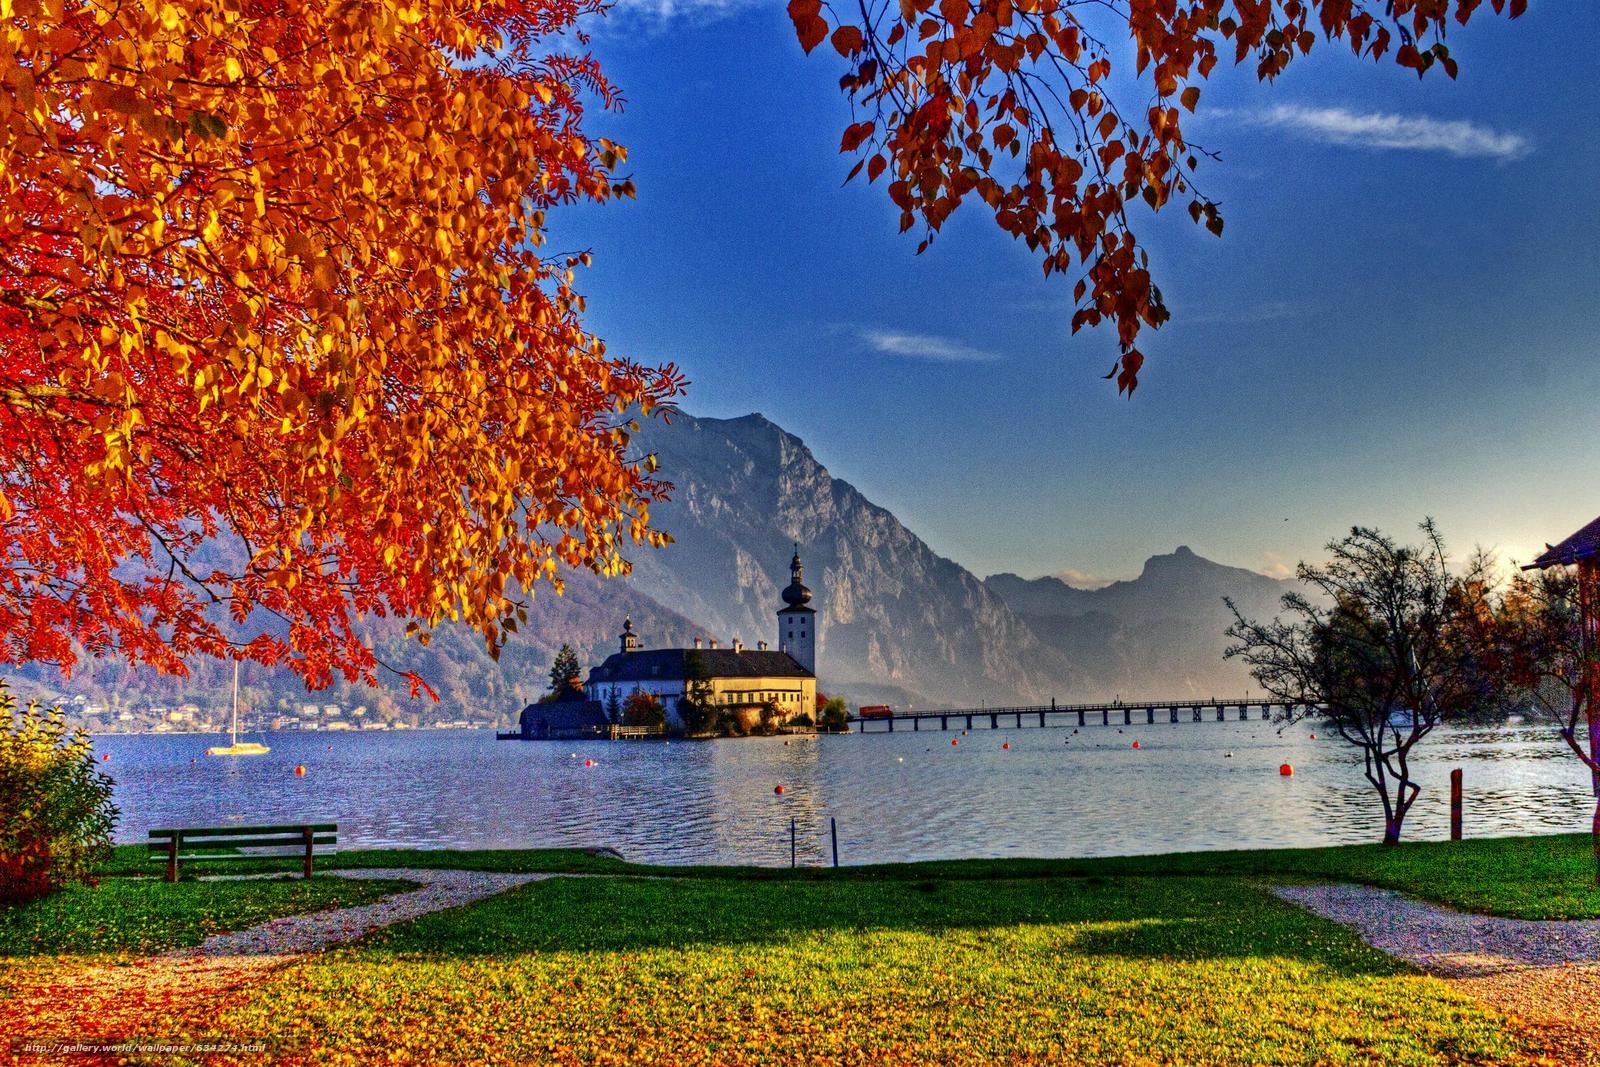 下载壁纸 格蒙登,  特劳恩湖,  奥地利 免费为您的桌面分辨率的壁纸 2480x1654 — 图片 №634274